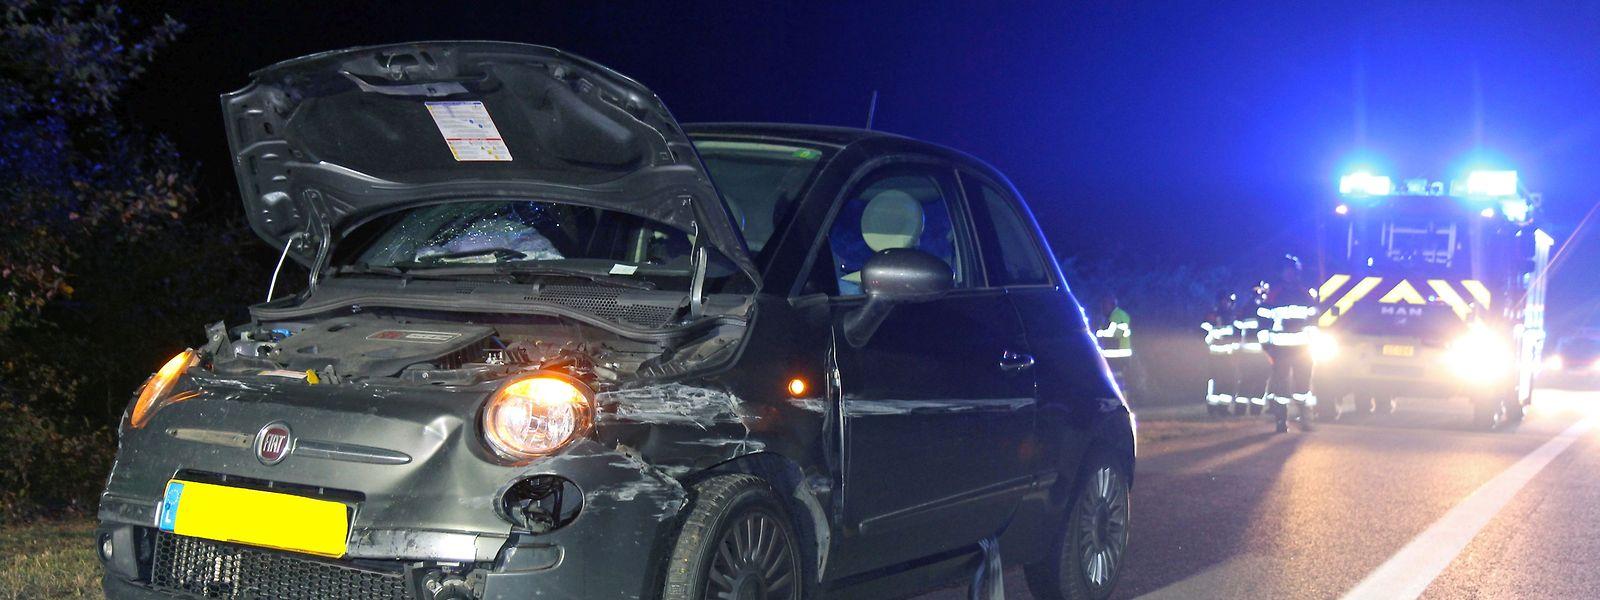 Die Unfallwagen wurden stark beschädigt.